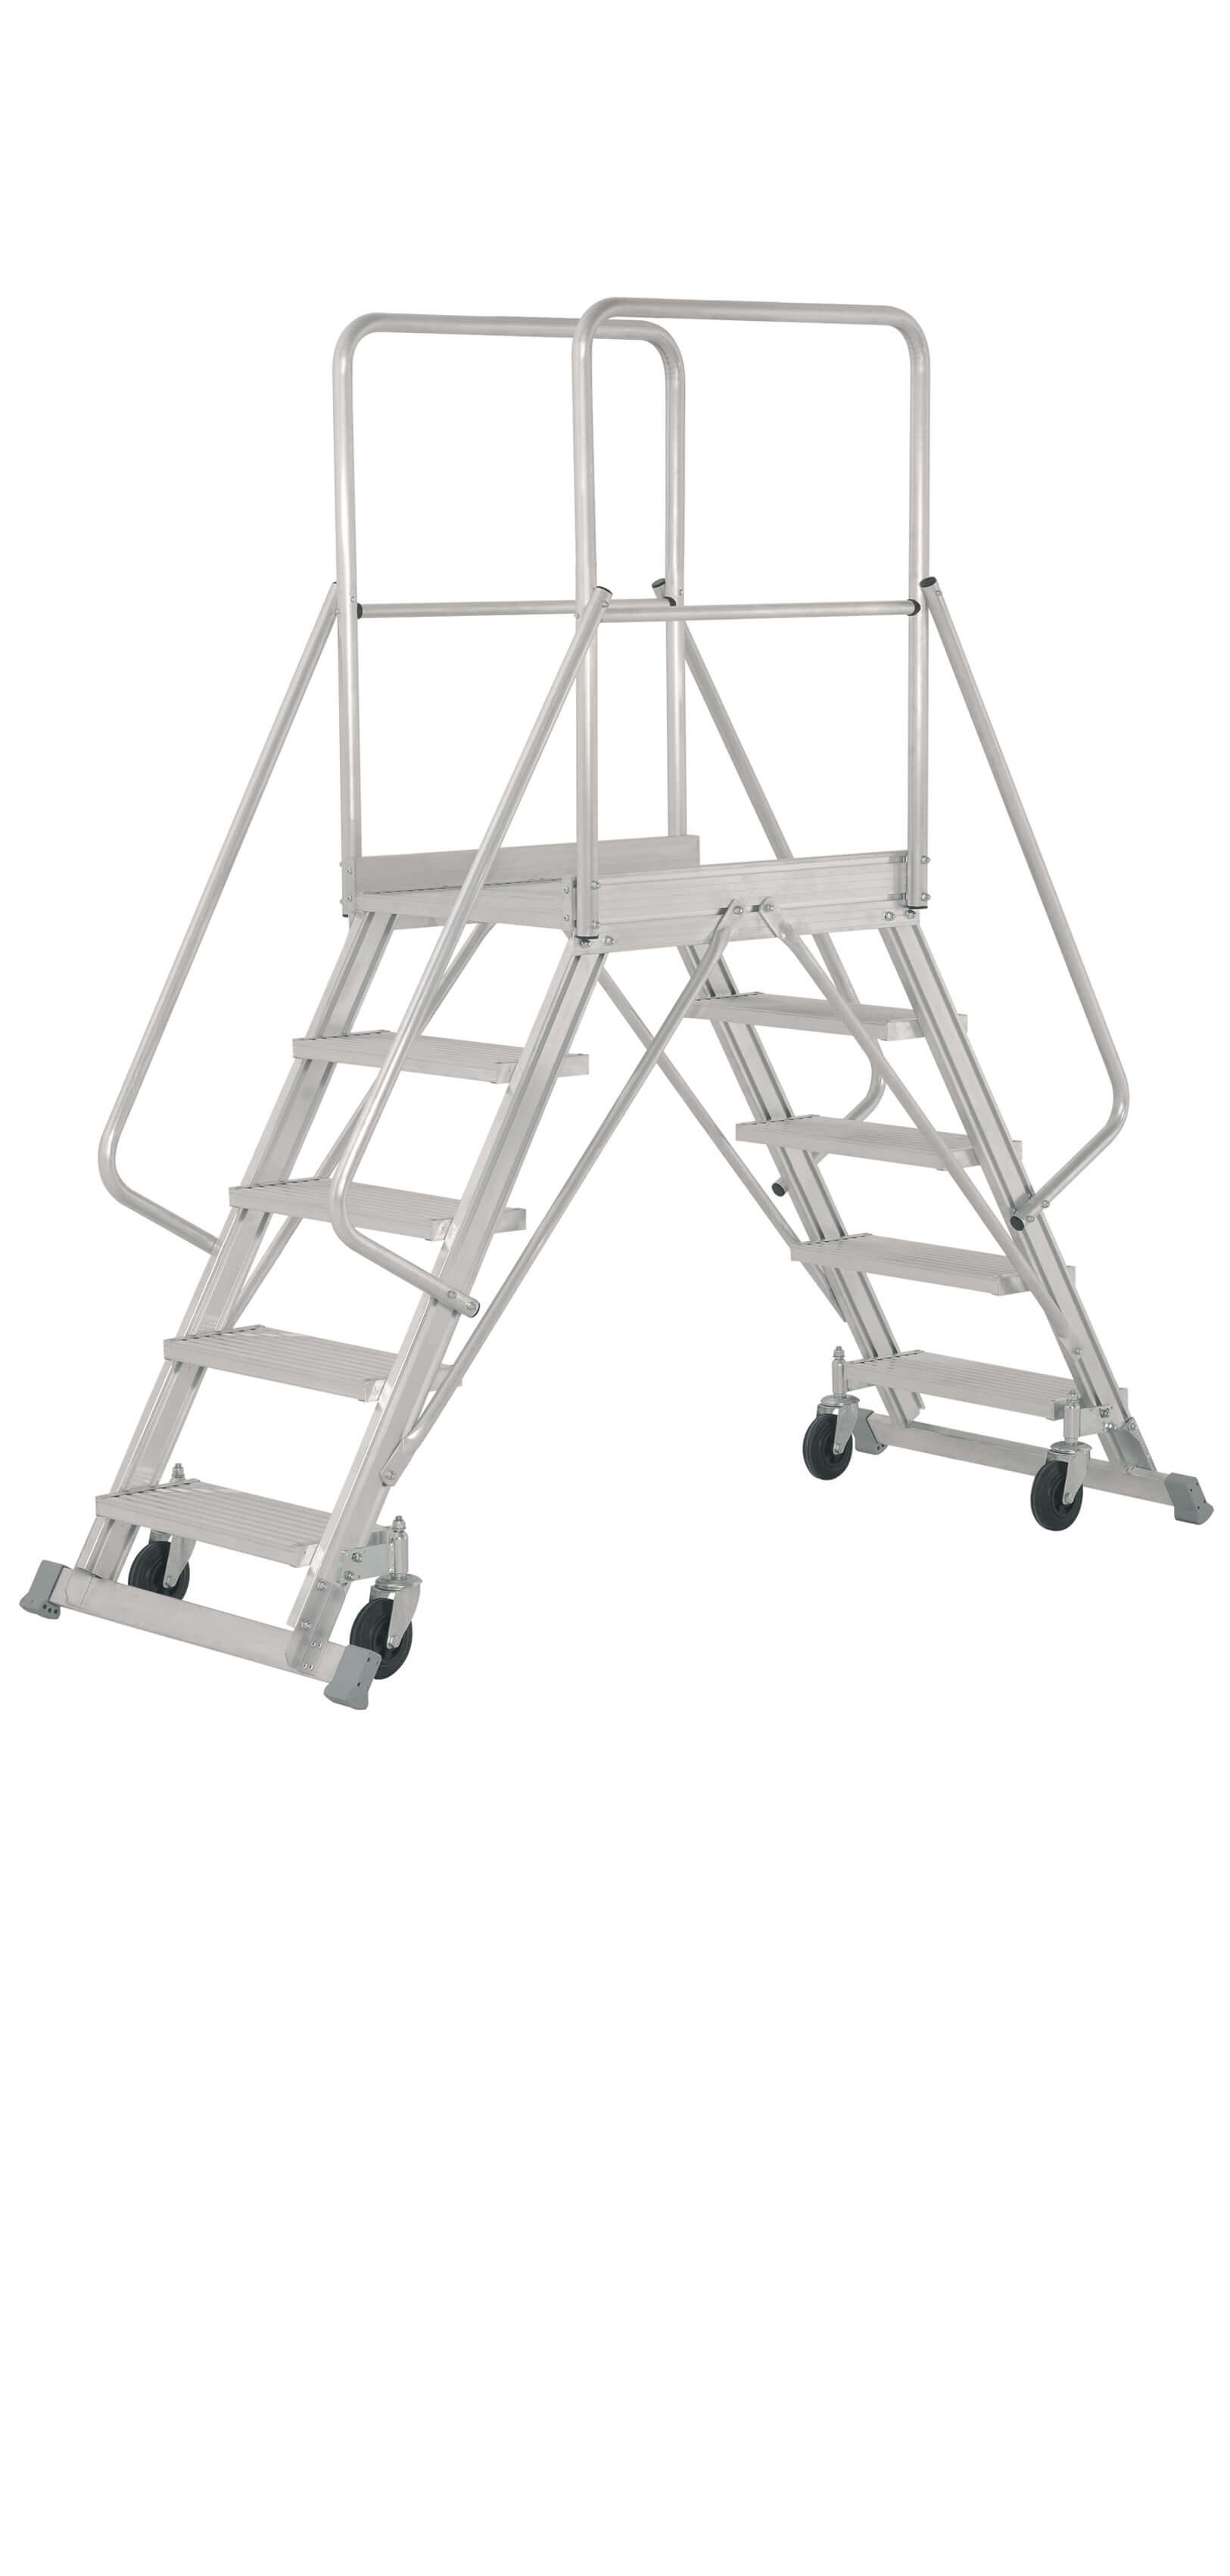 Escalera De Almacén De Aluminio De Doble Subida